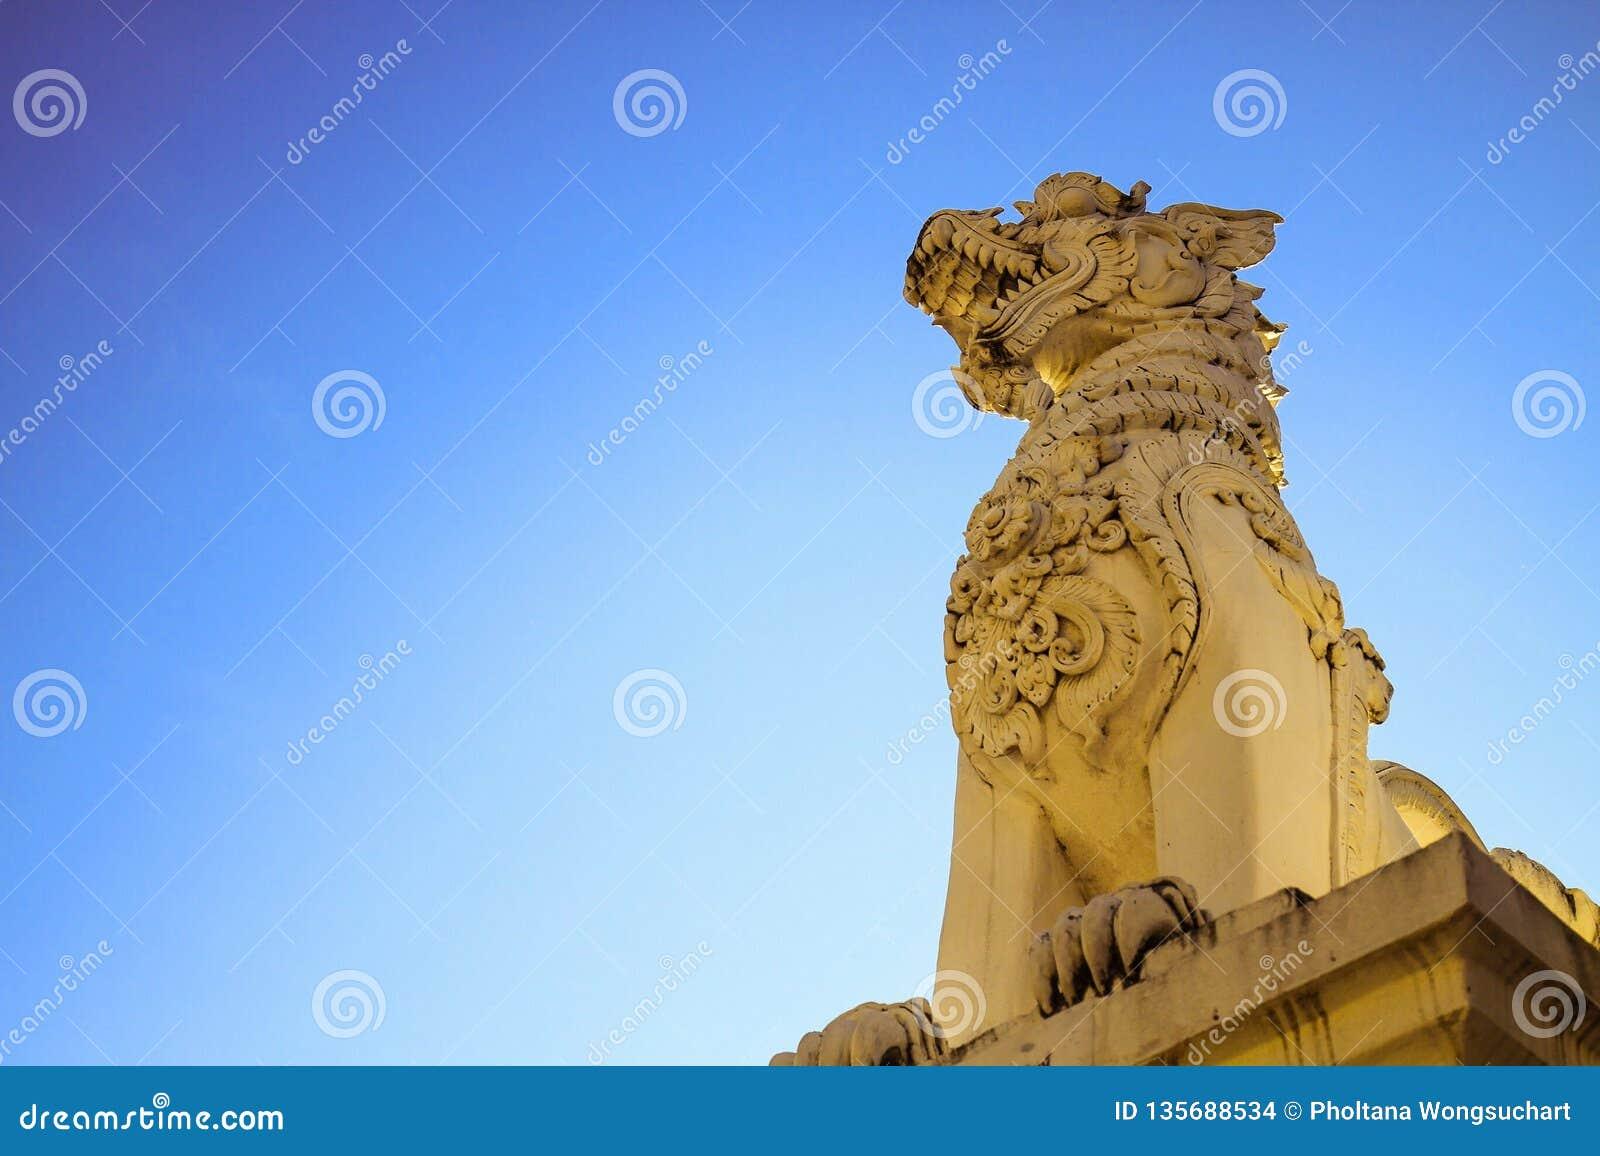 Το άγαλμα λιονταριών βρίσκεται στο κεφάλι του ναού